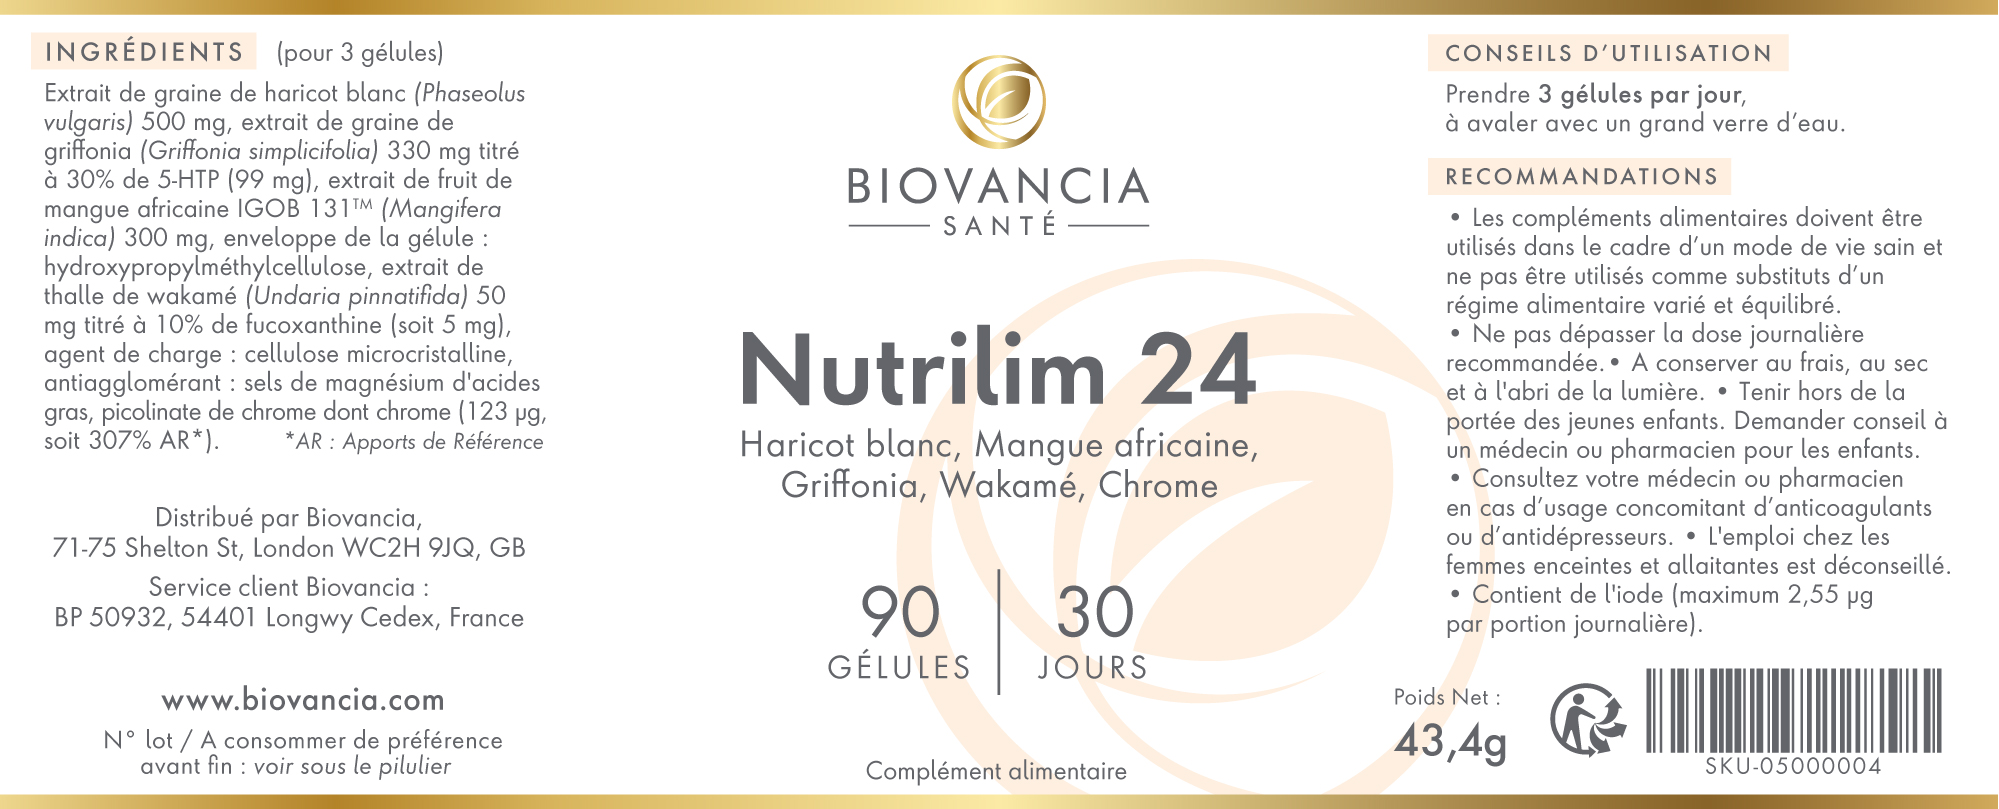 Etiquette composition de Nutrilim 24